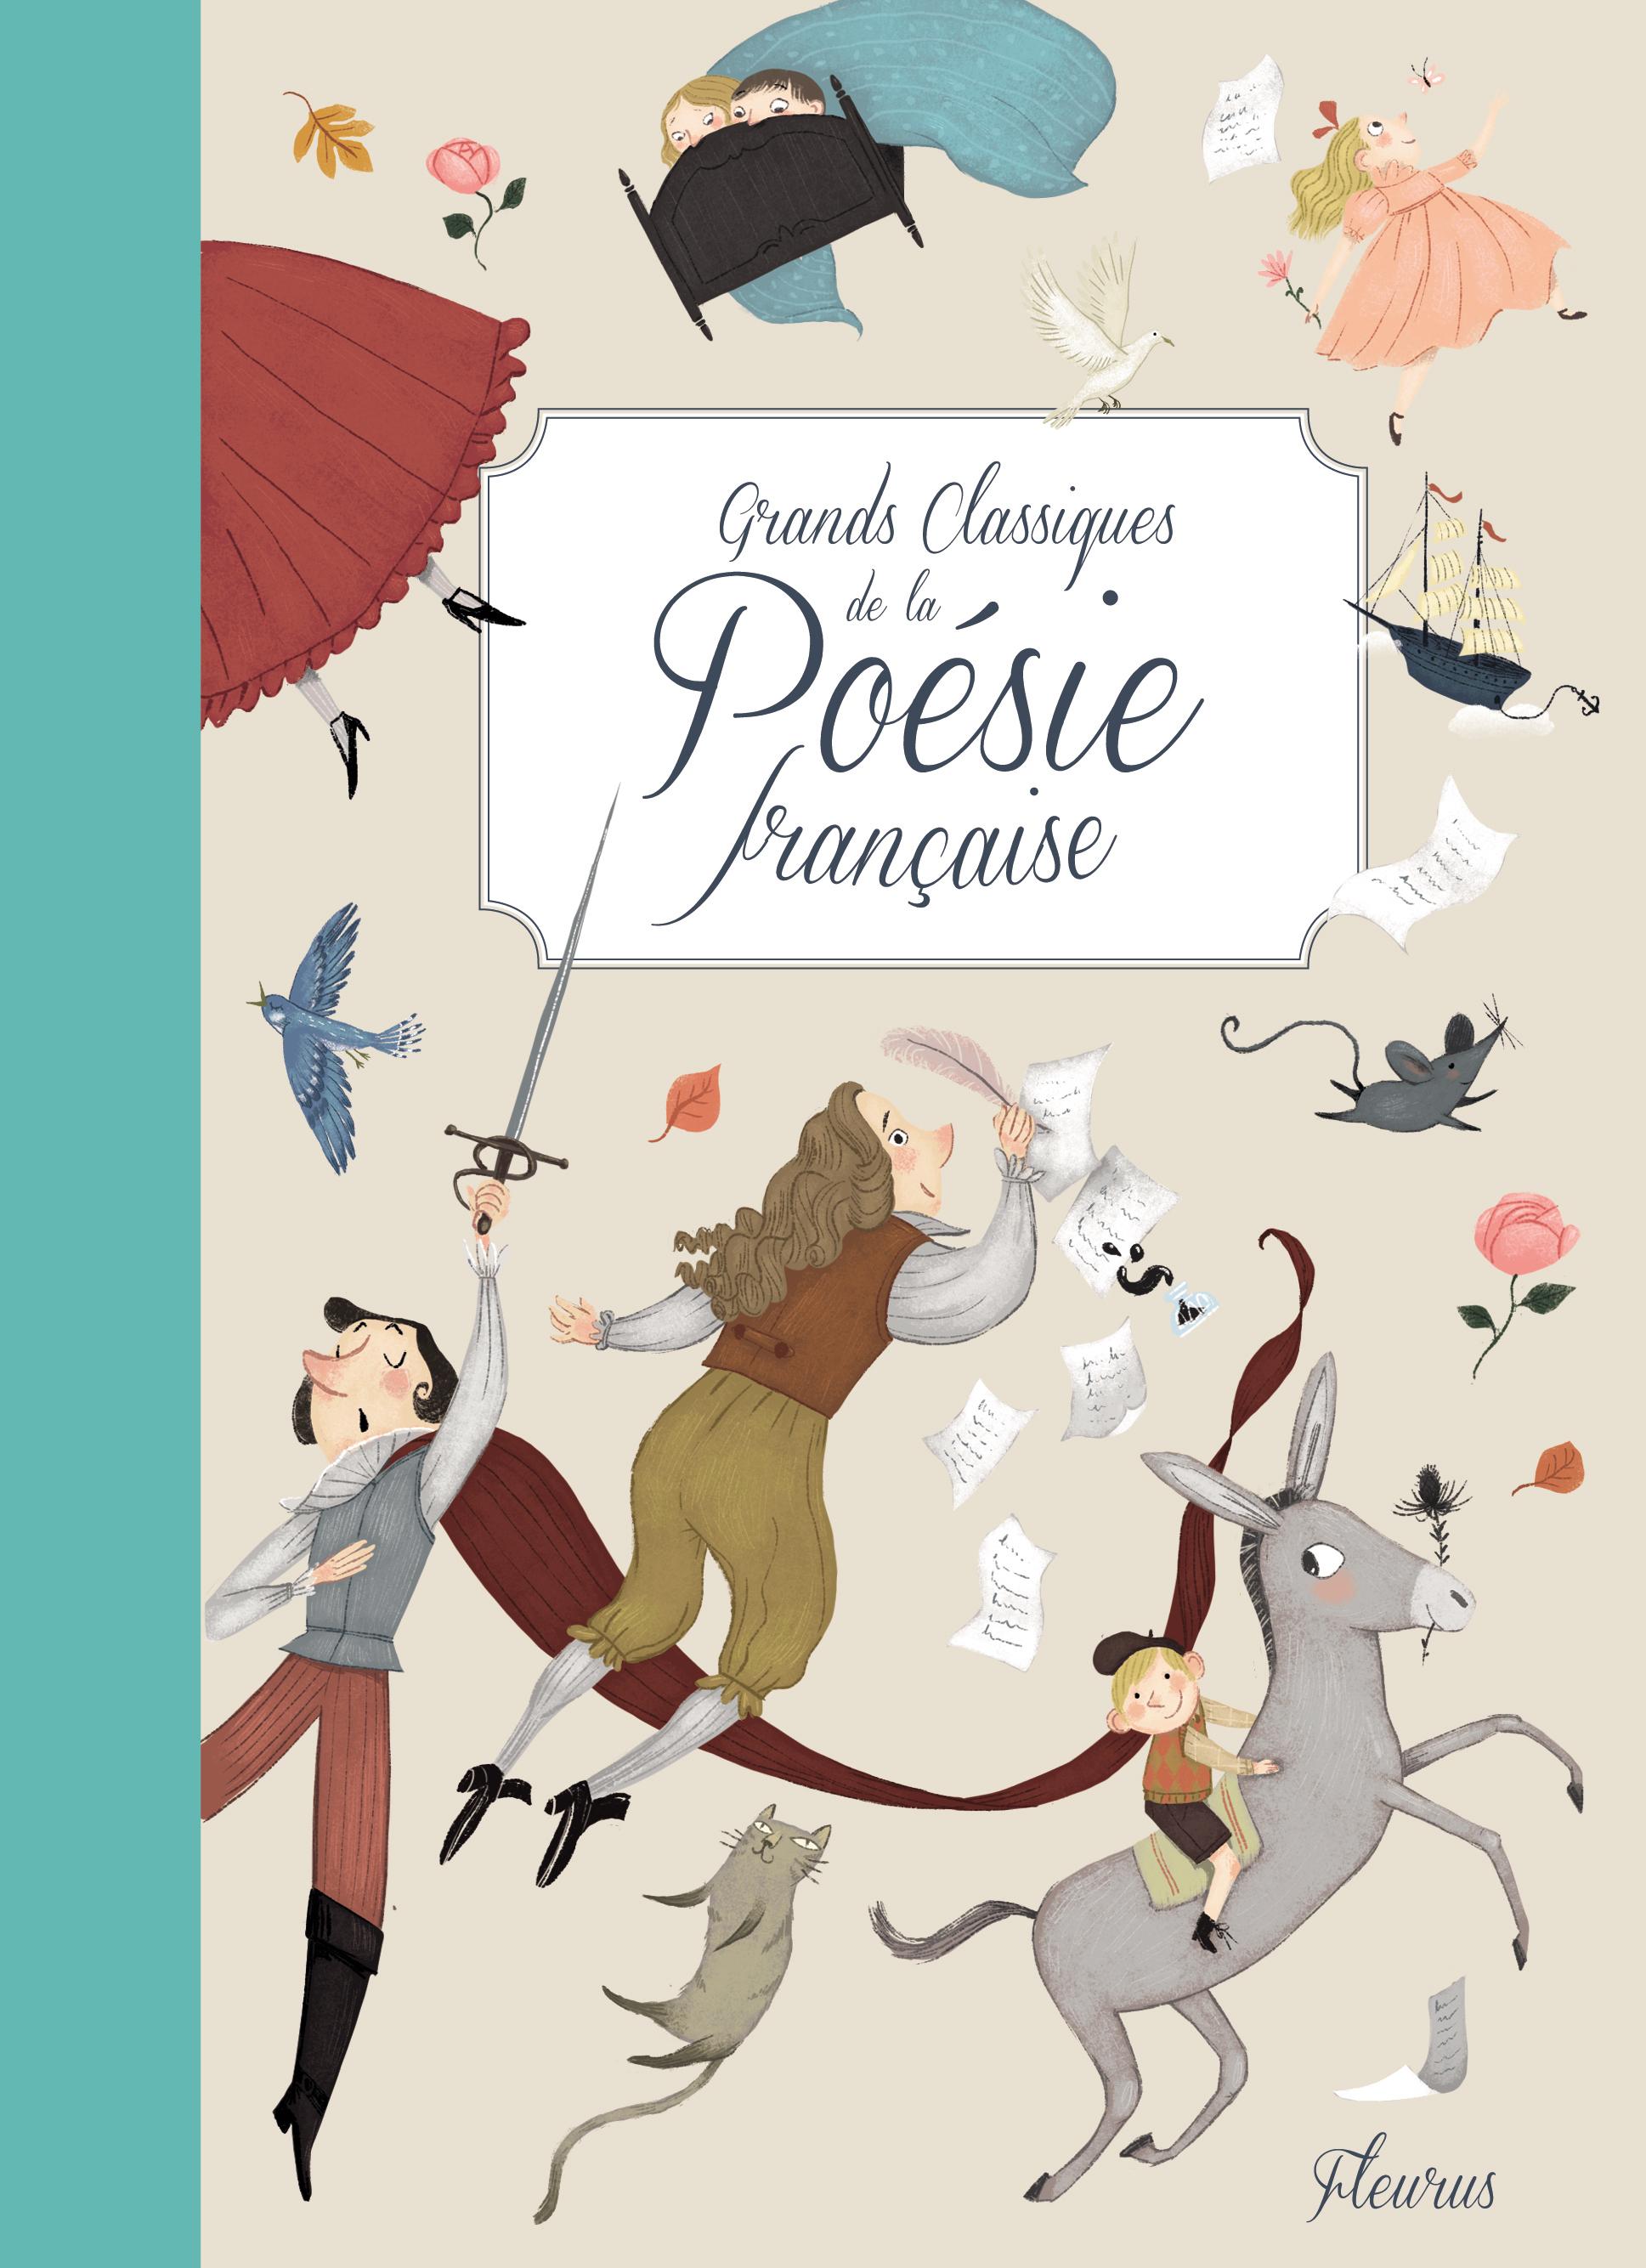 GRANDS CLASSIQUES DE LA POESIE FRANCAISE